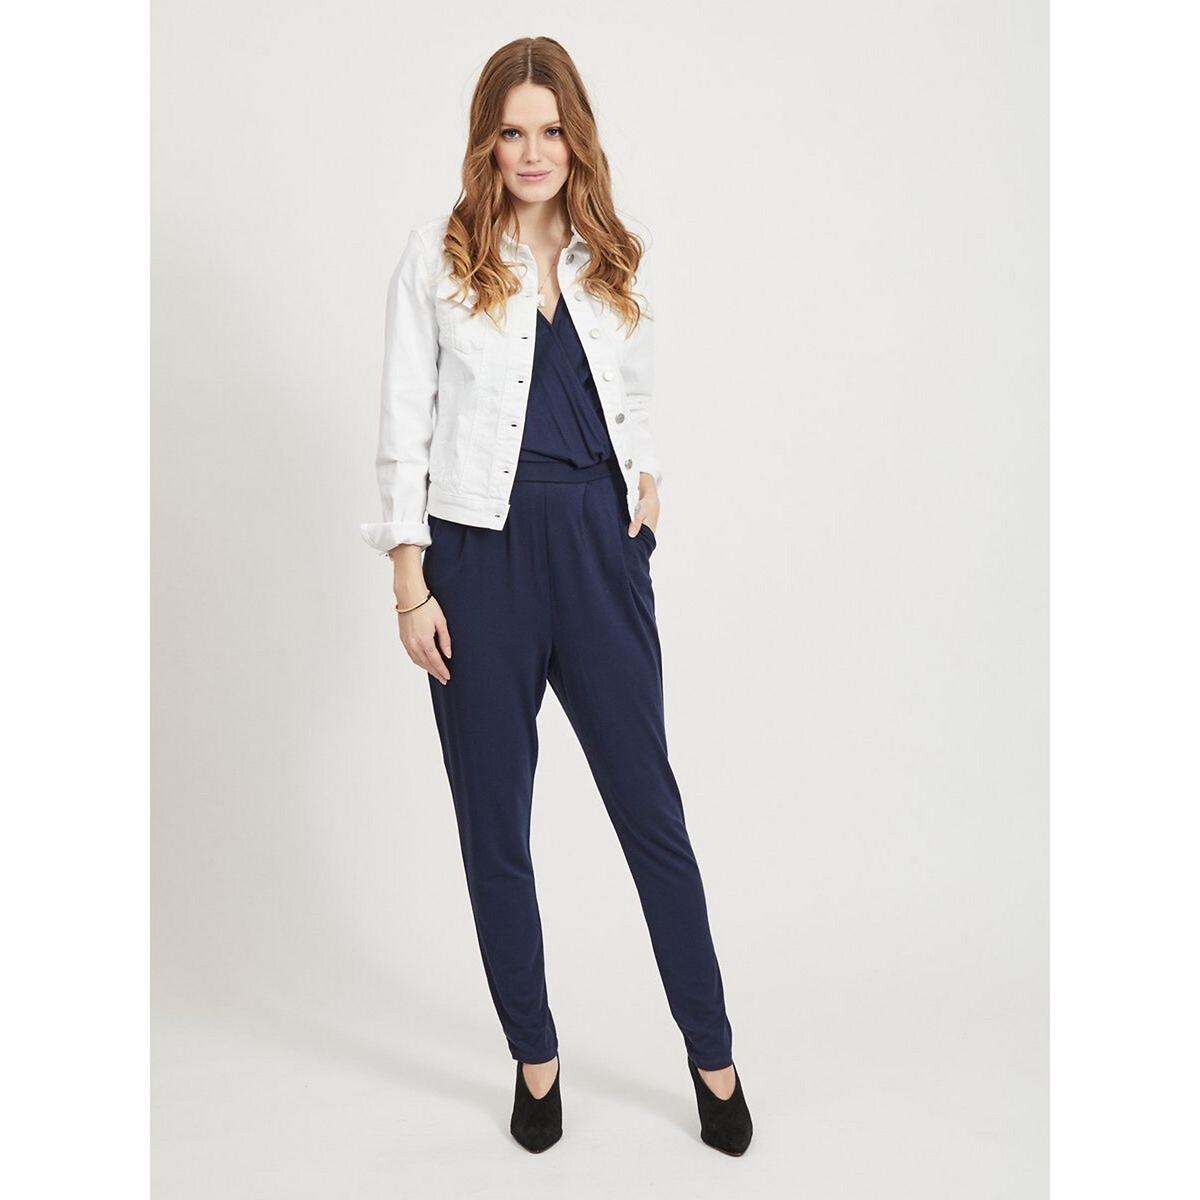 цена Жакет La Redoute Прямого покроя из джинсовой ткани XS белый онлайн в 2017 году